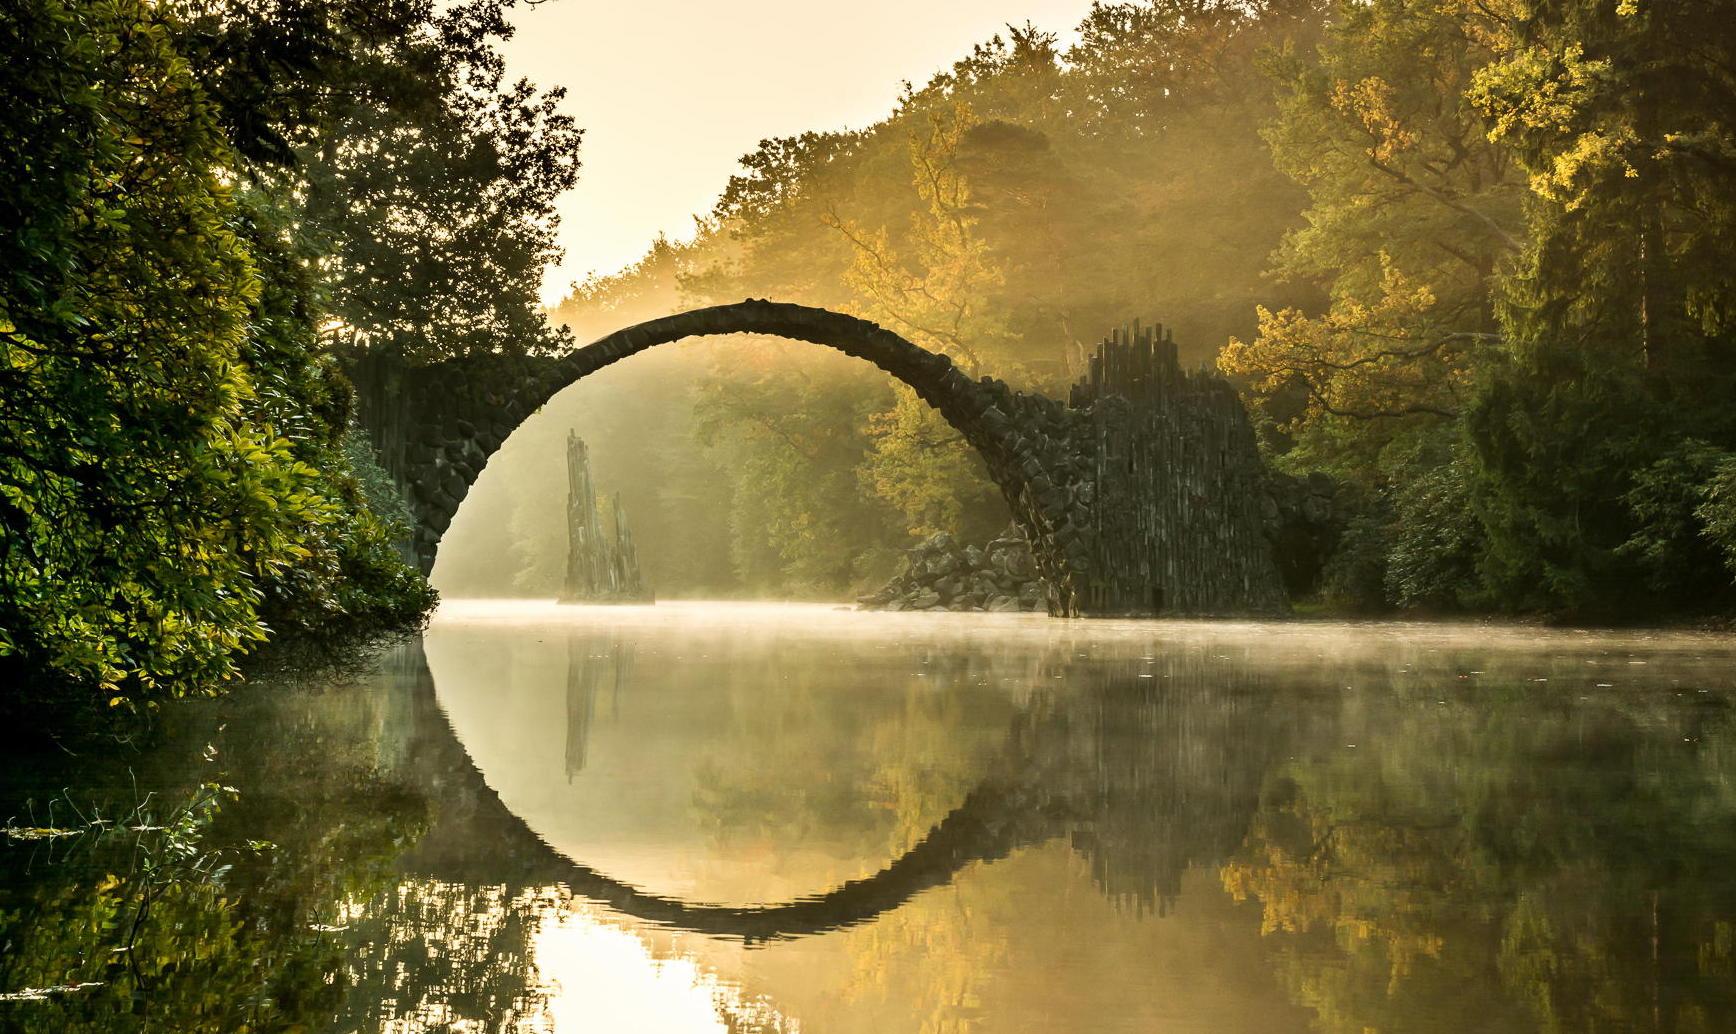 rakotzbrucke-il-ponte-del-diavolo-secret-world